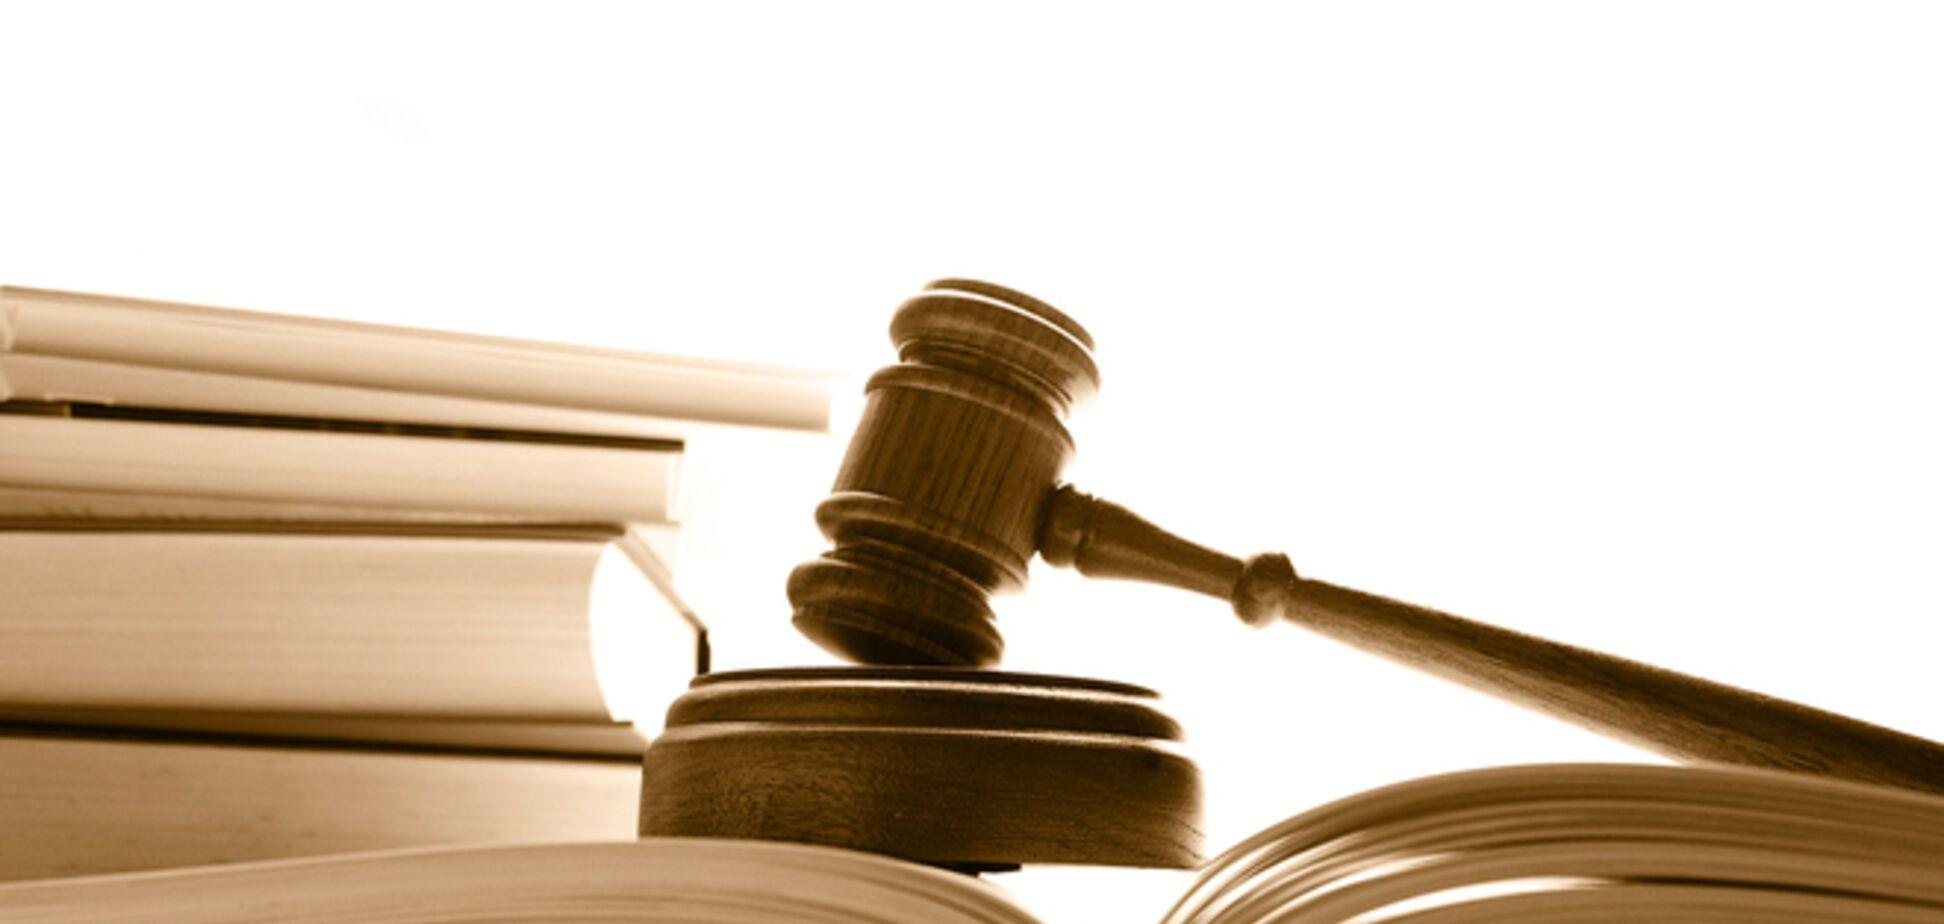 Апелляционный суд повторно пресек очередную попытку закрыть 'дело Шепелевой'